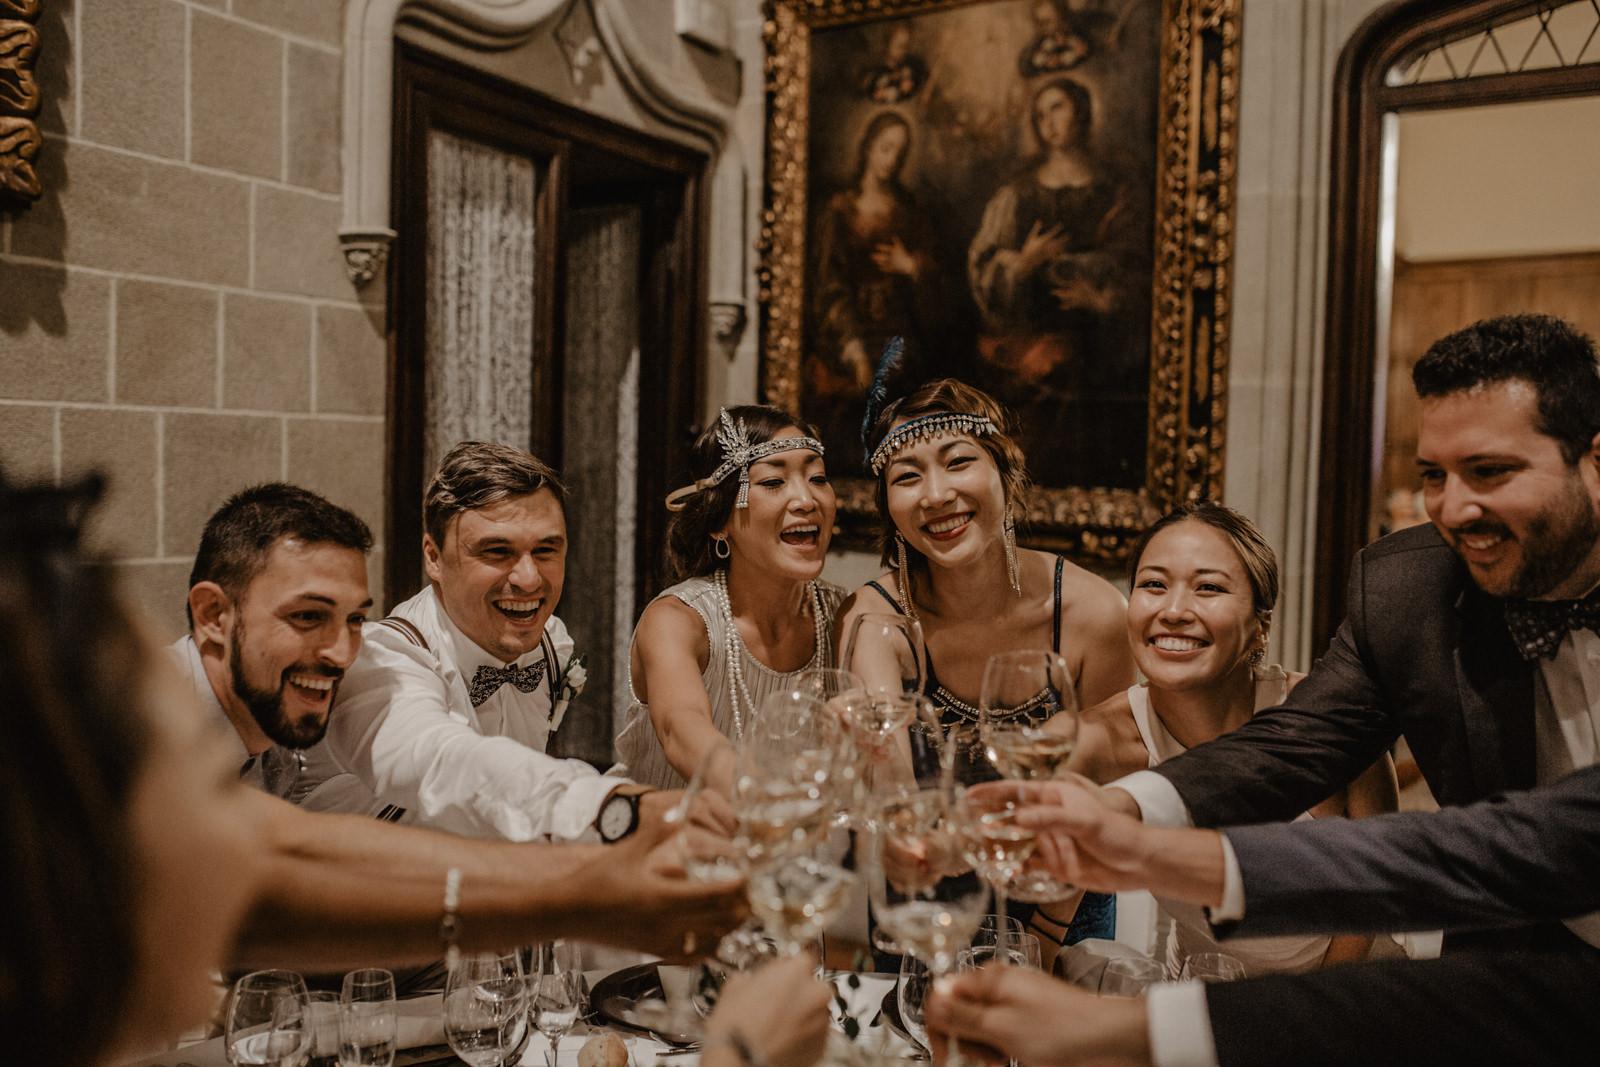 thenortherngirlphotography_photography_thenortherngirl_rebeccascabros_wedding_weddingphotography_weddingphotographer_barcelona_bodaenlabaronia_labaronia_japanesewedding_destinationwedding_shokoalbert-806.jpg